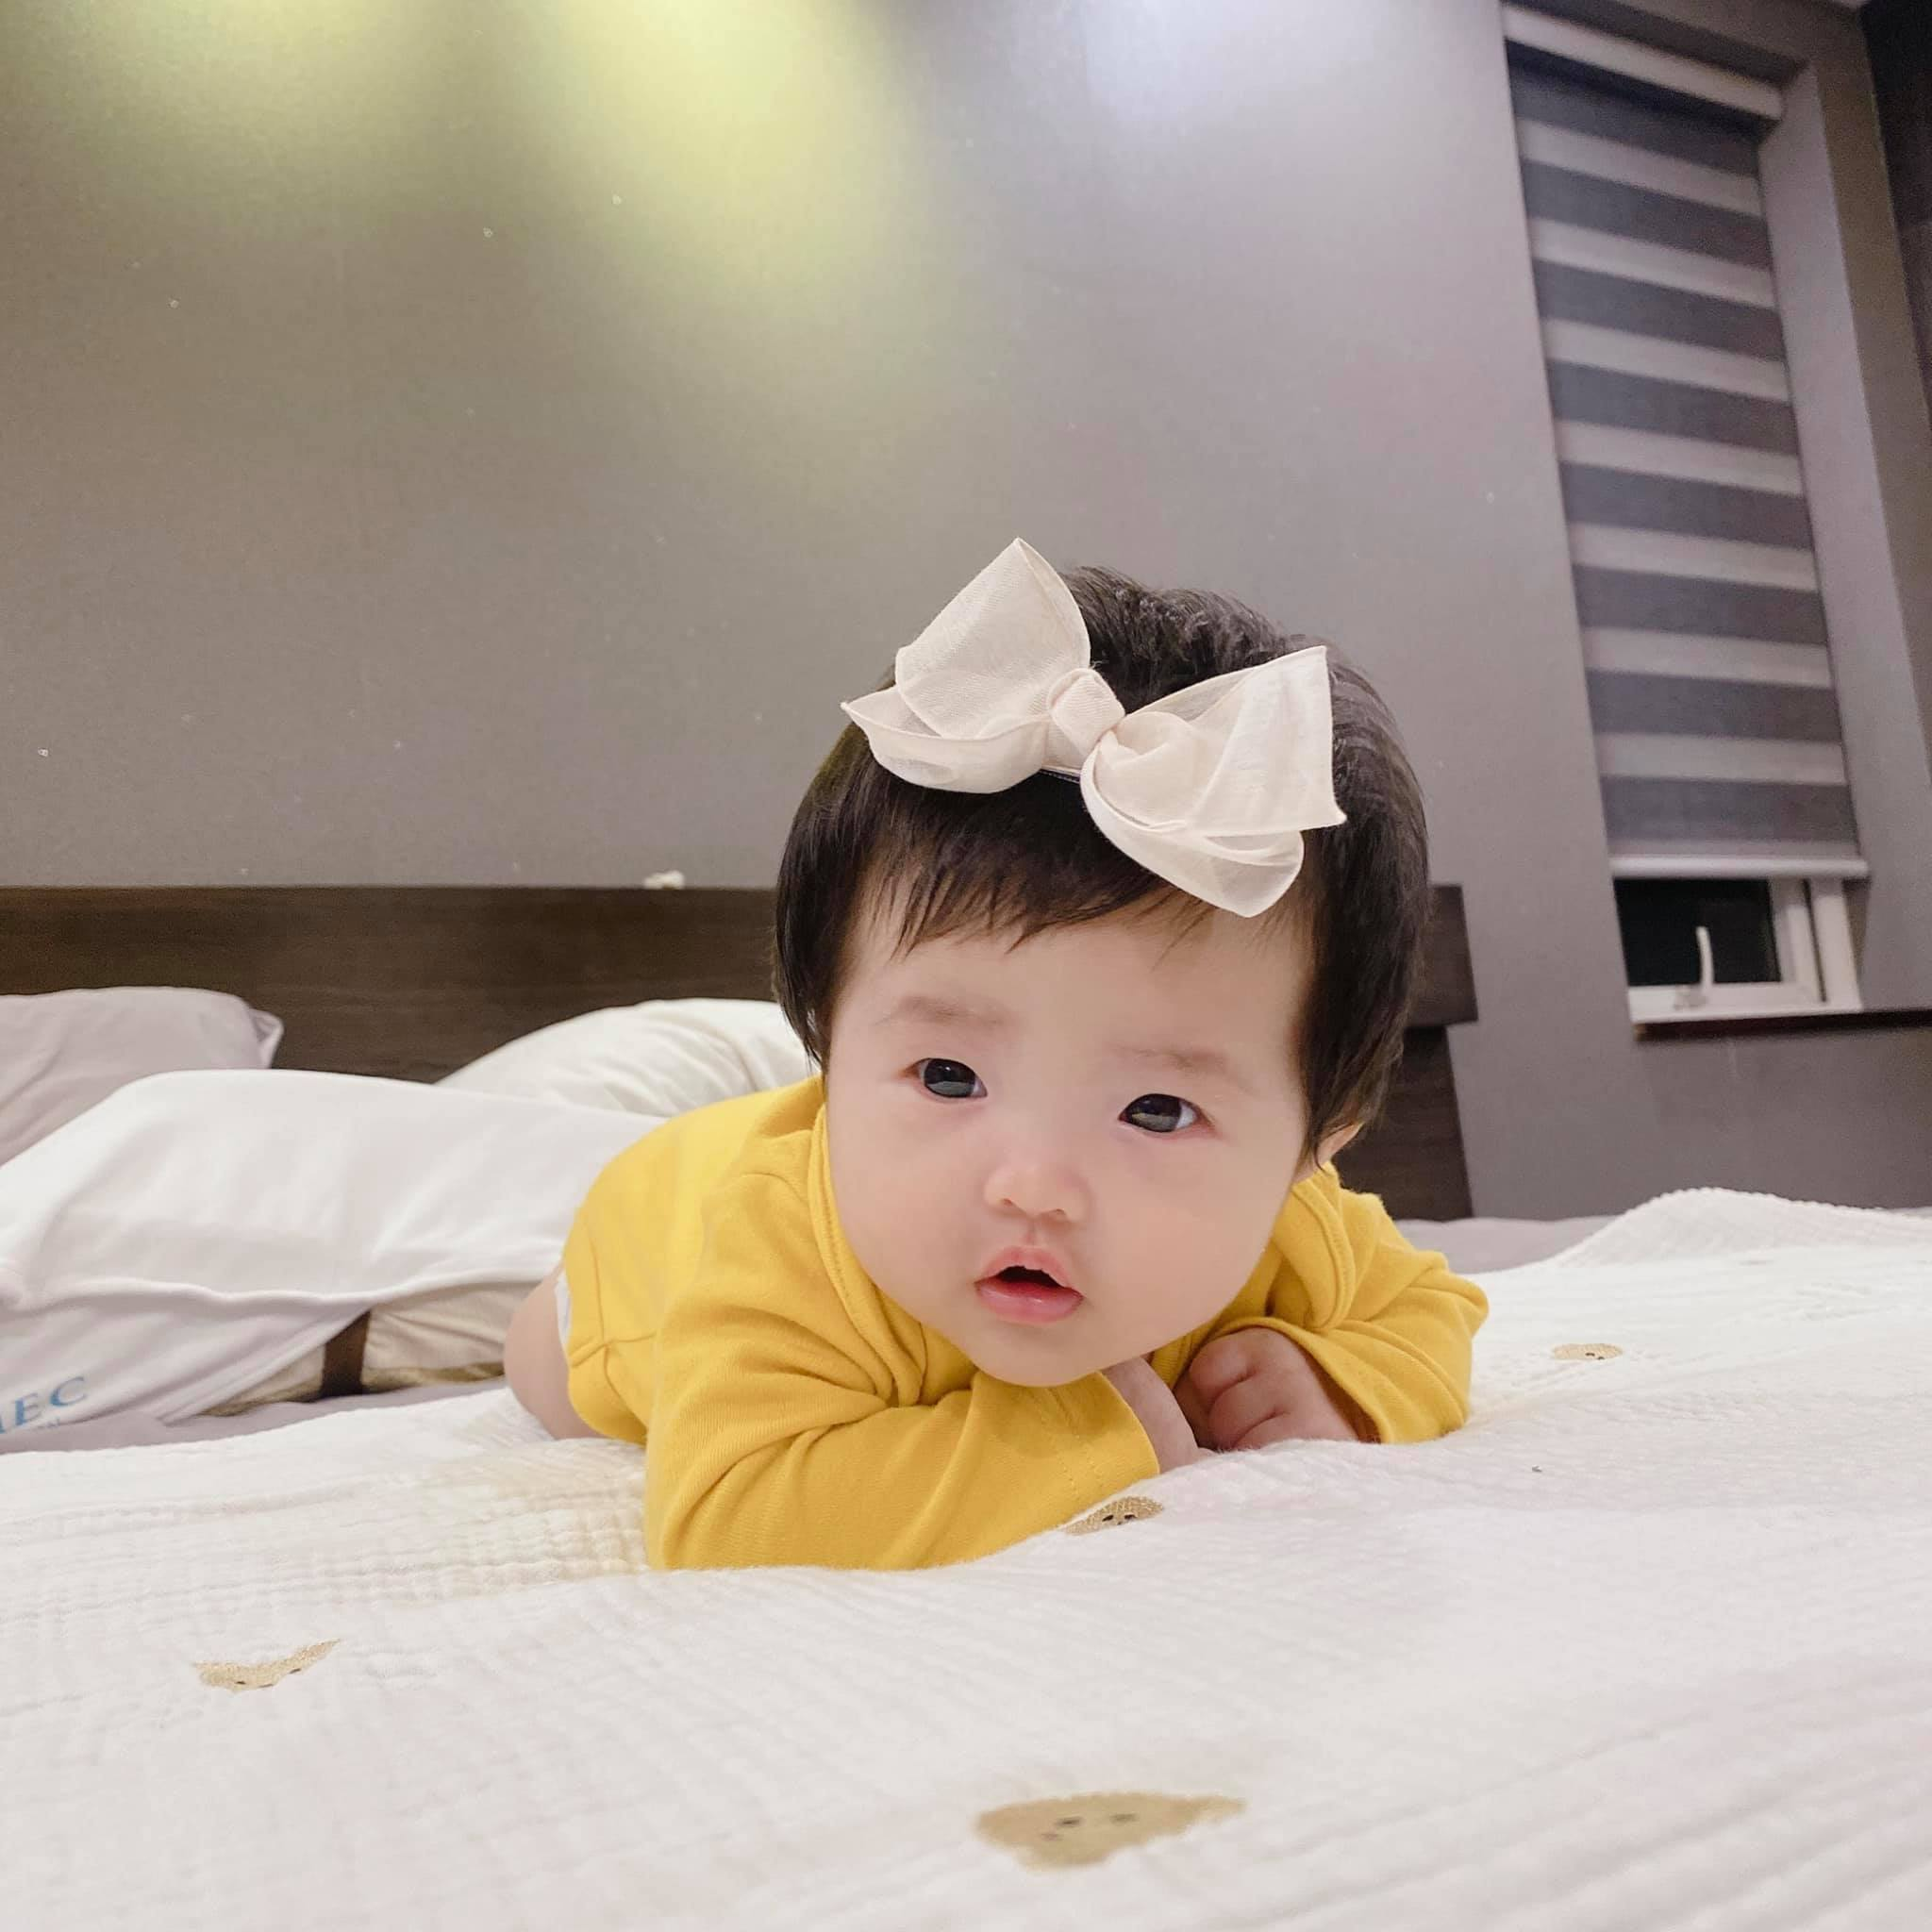 Đông Nhi đăng loạt ảnh cận cảnh con gái, dân mạng: Đích thị là 'đẻ thuê' rồi! 1